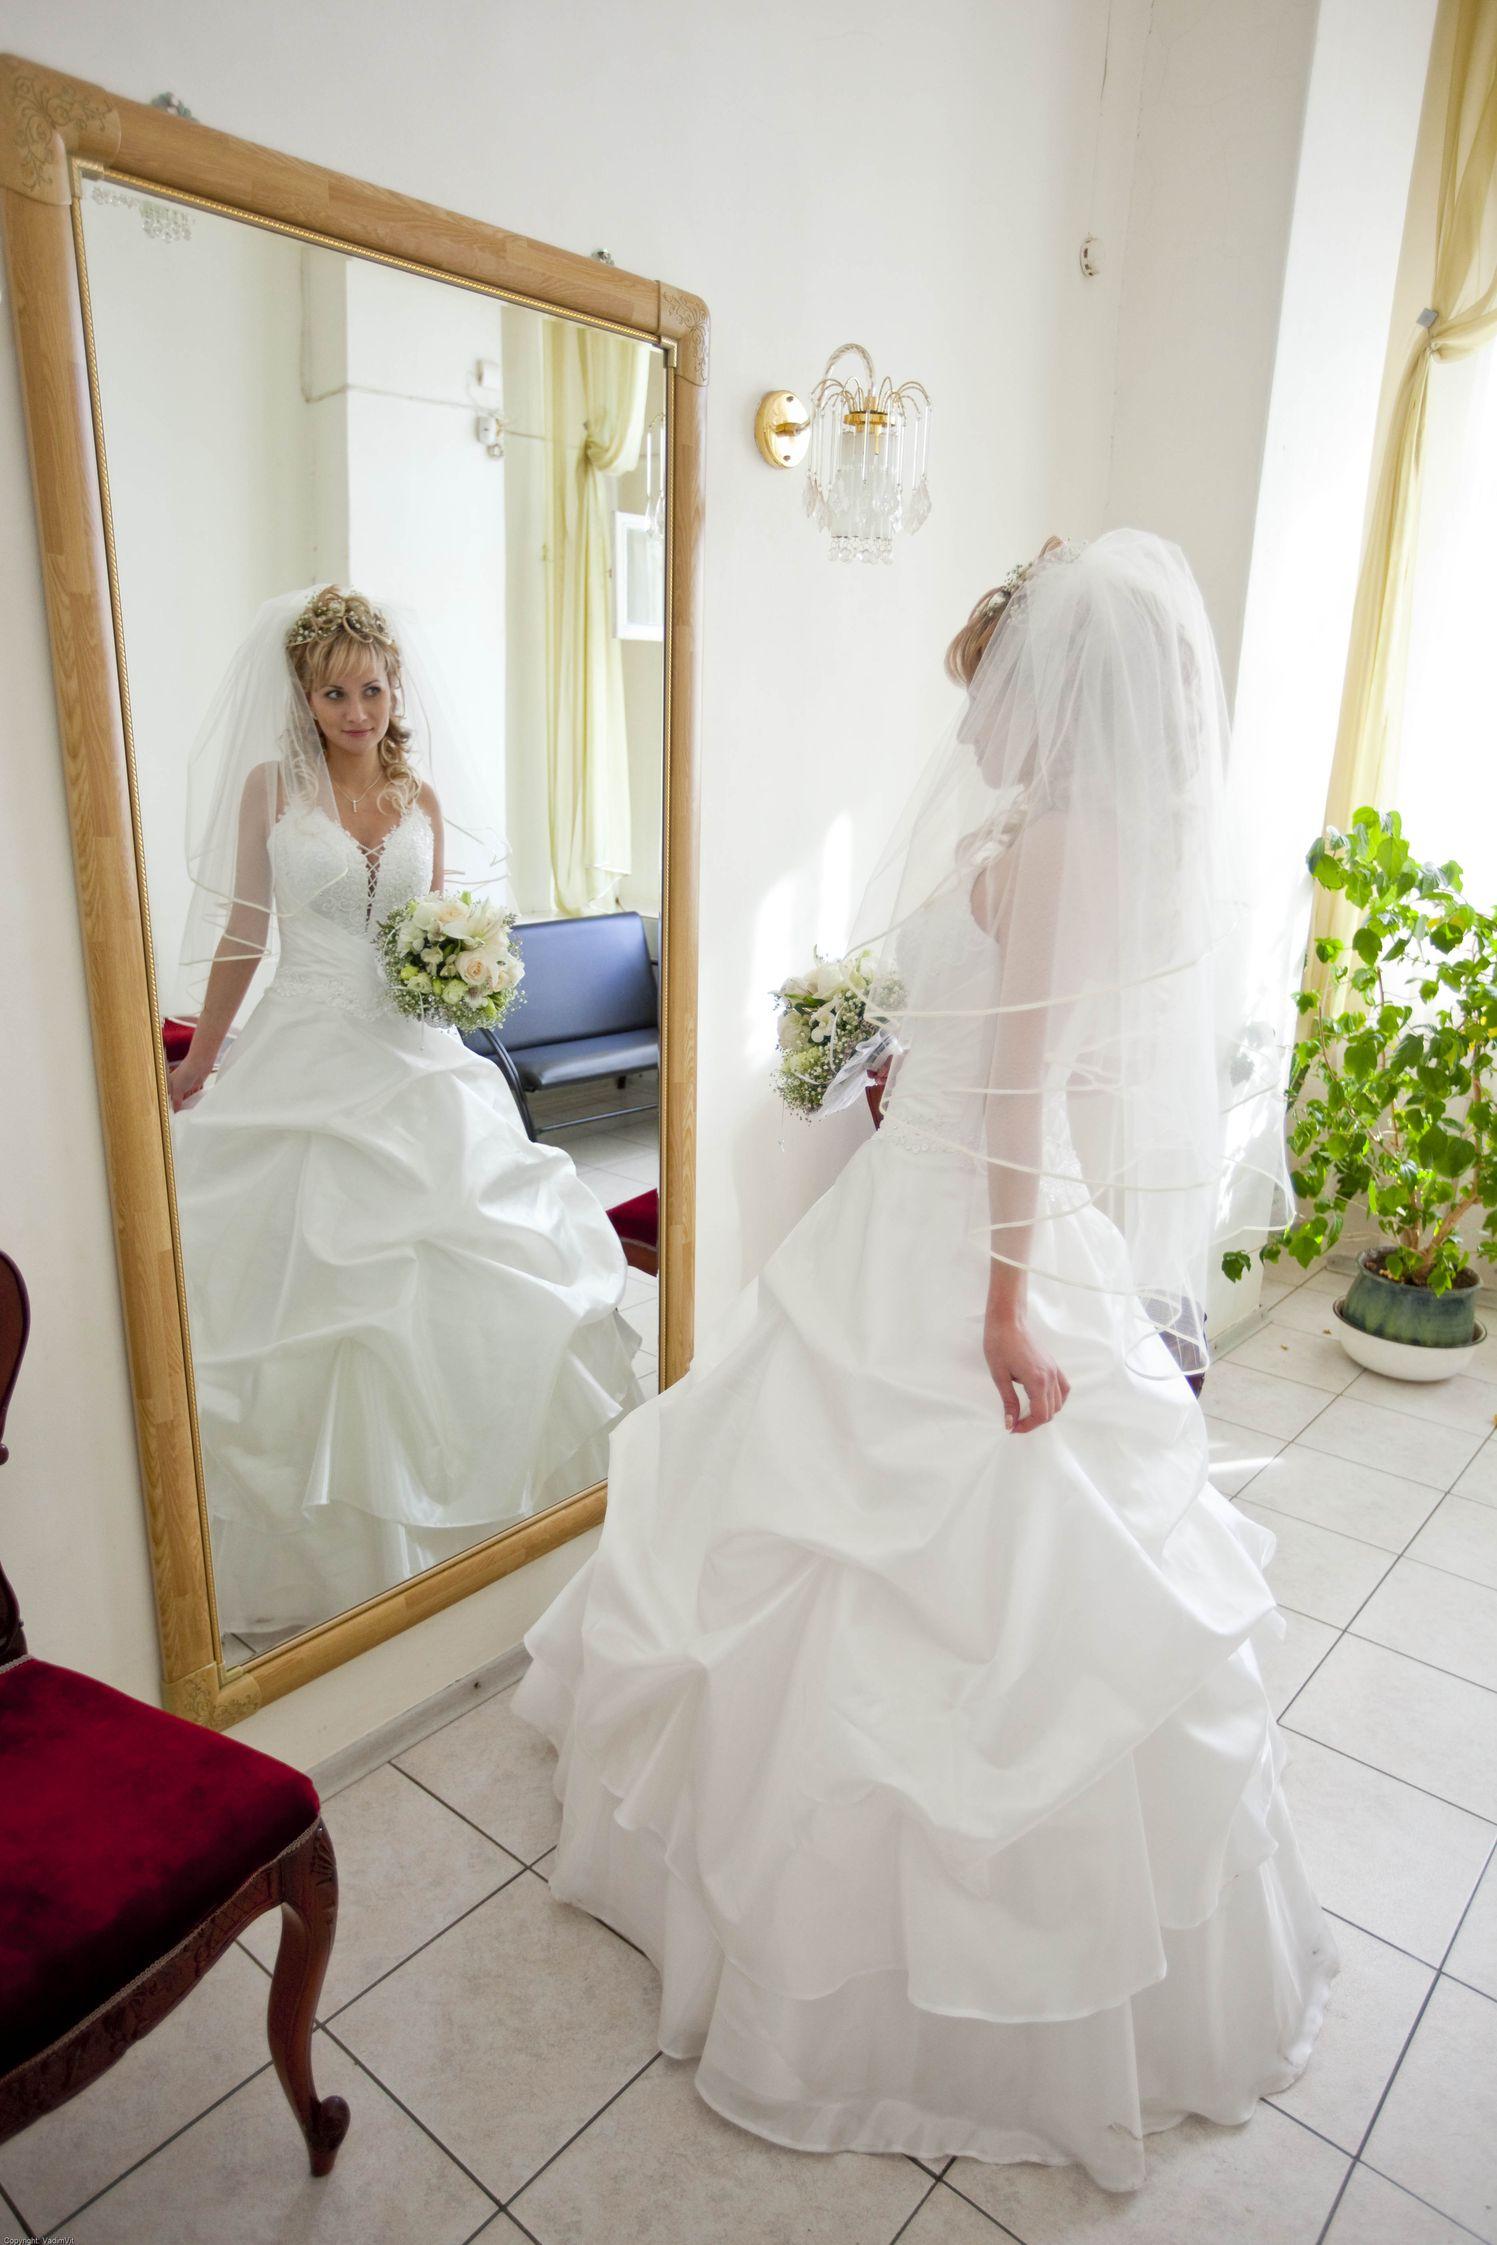 Комната жениха и невесты. ЗАГС Ленинского района